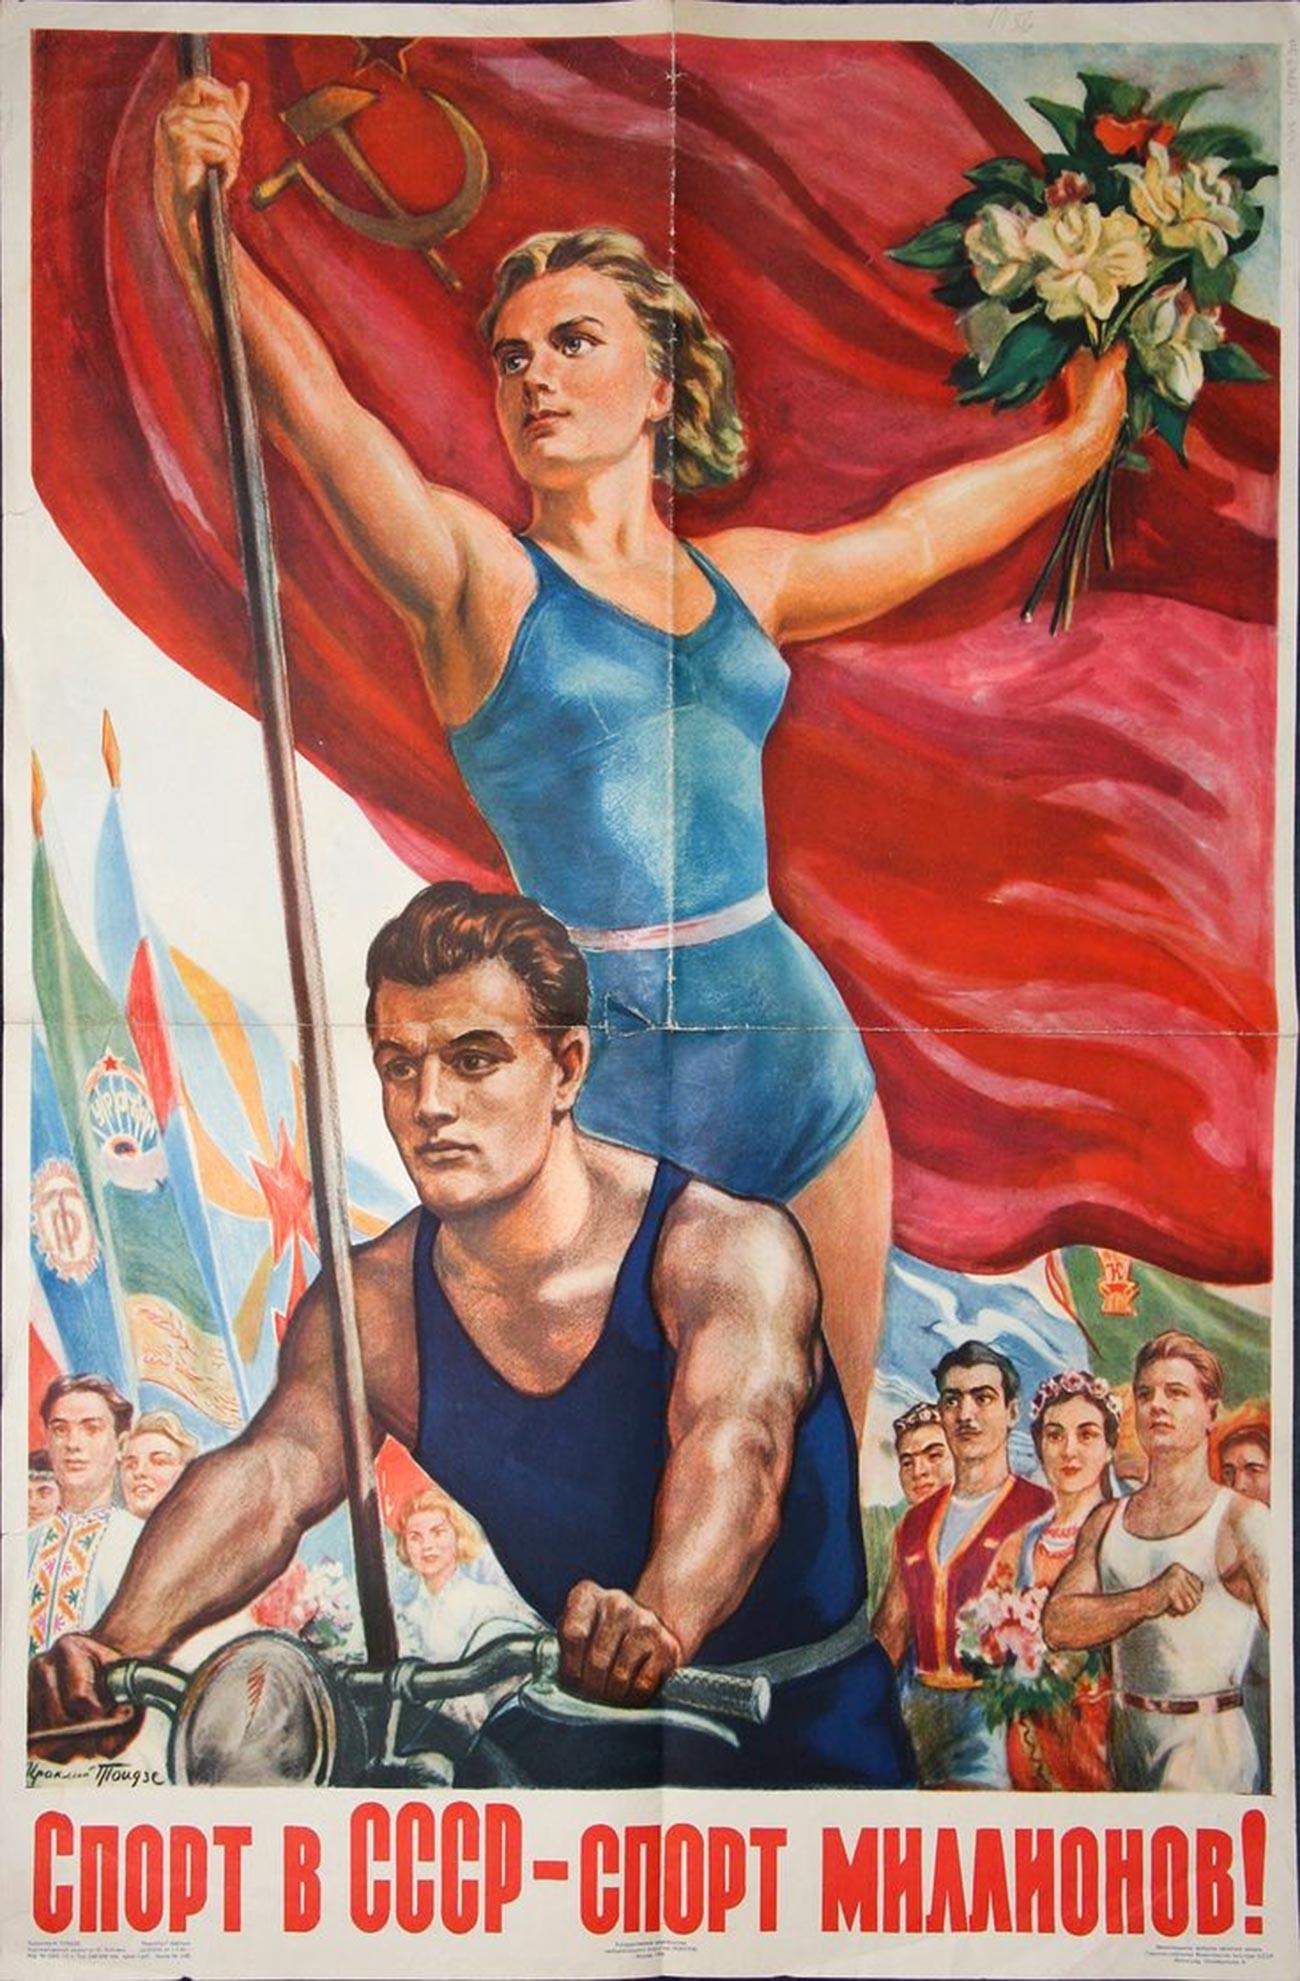 Le sport en URSS - le sport de millions!